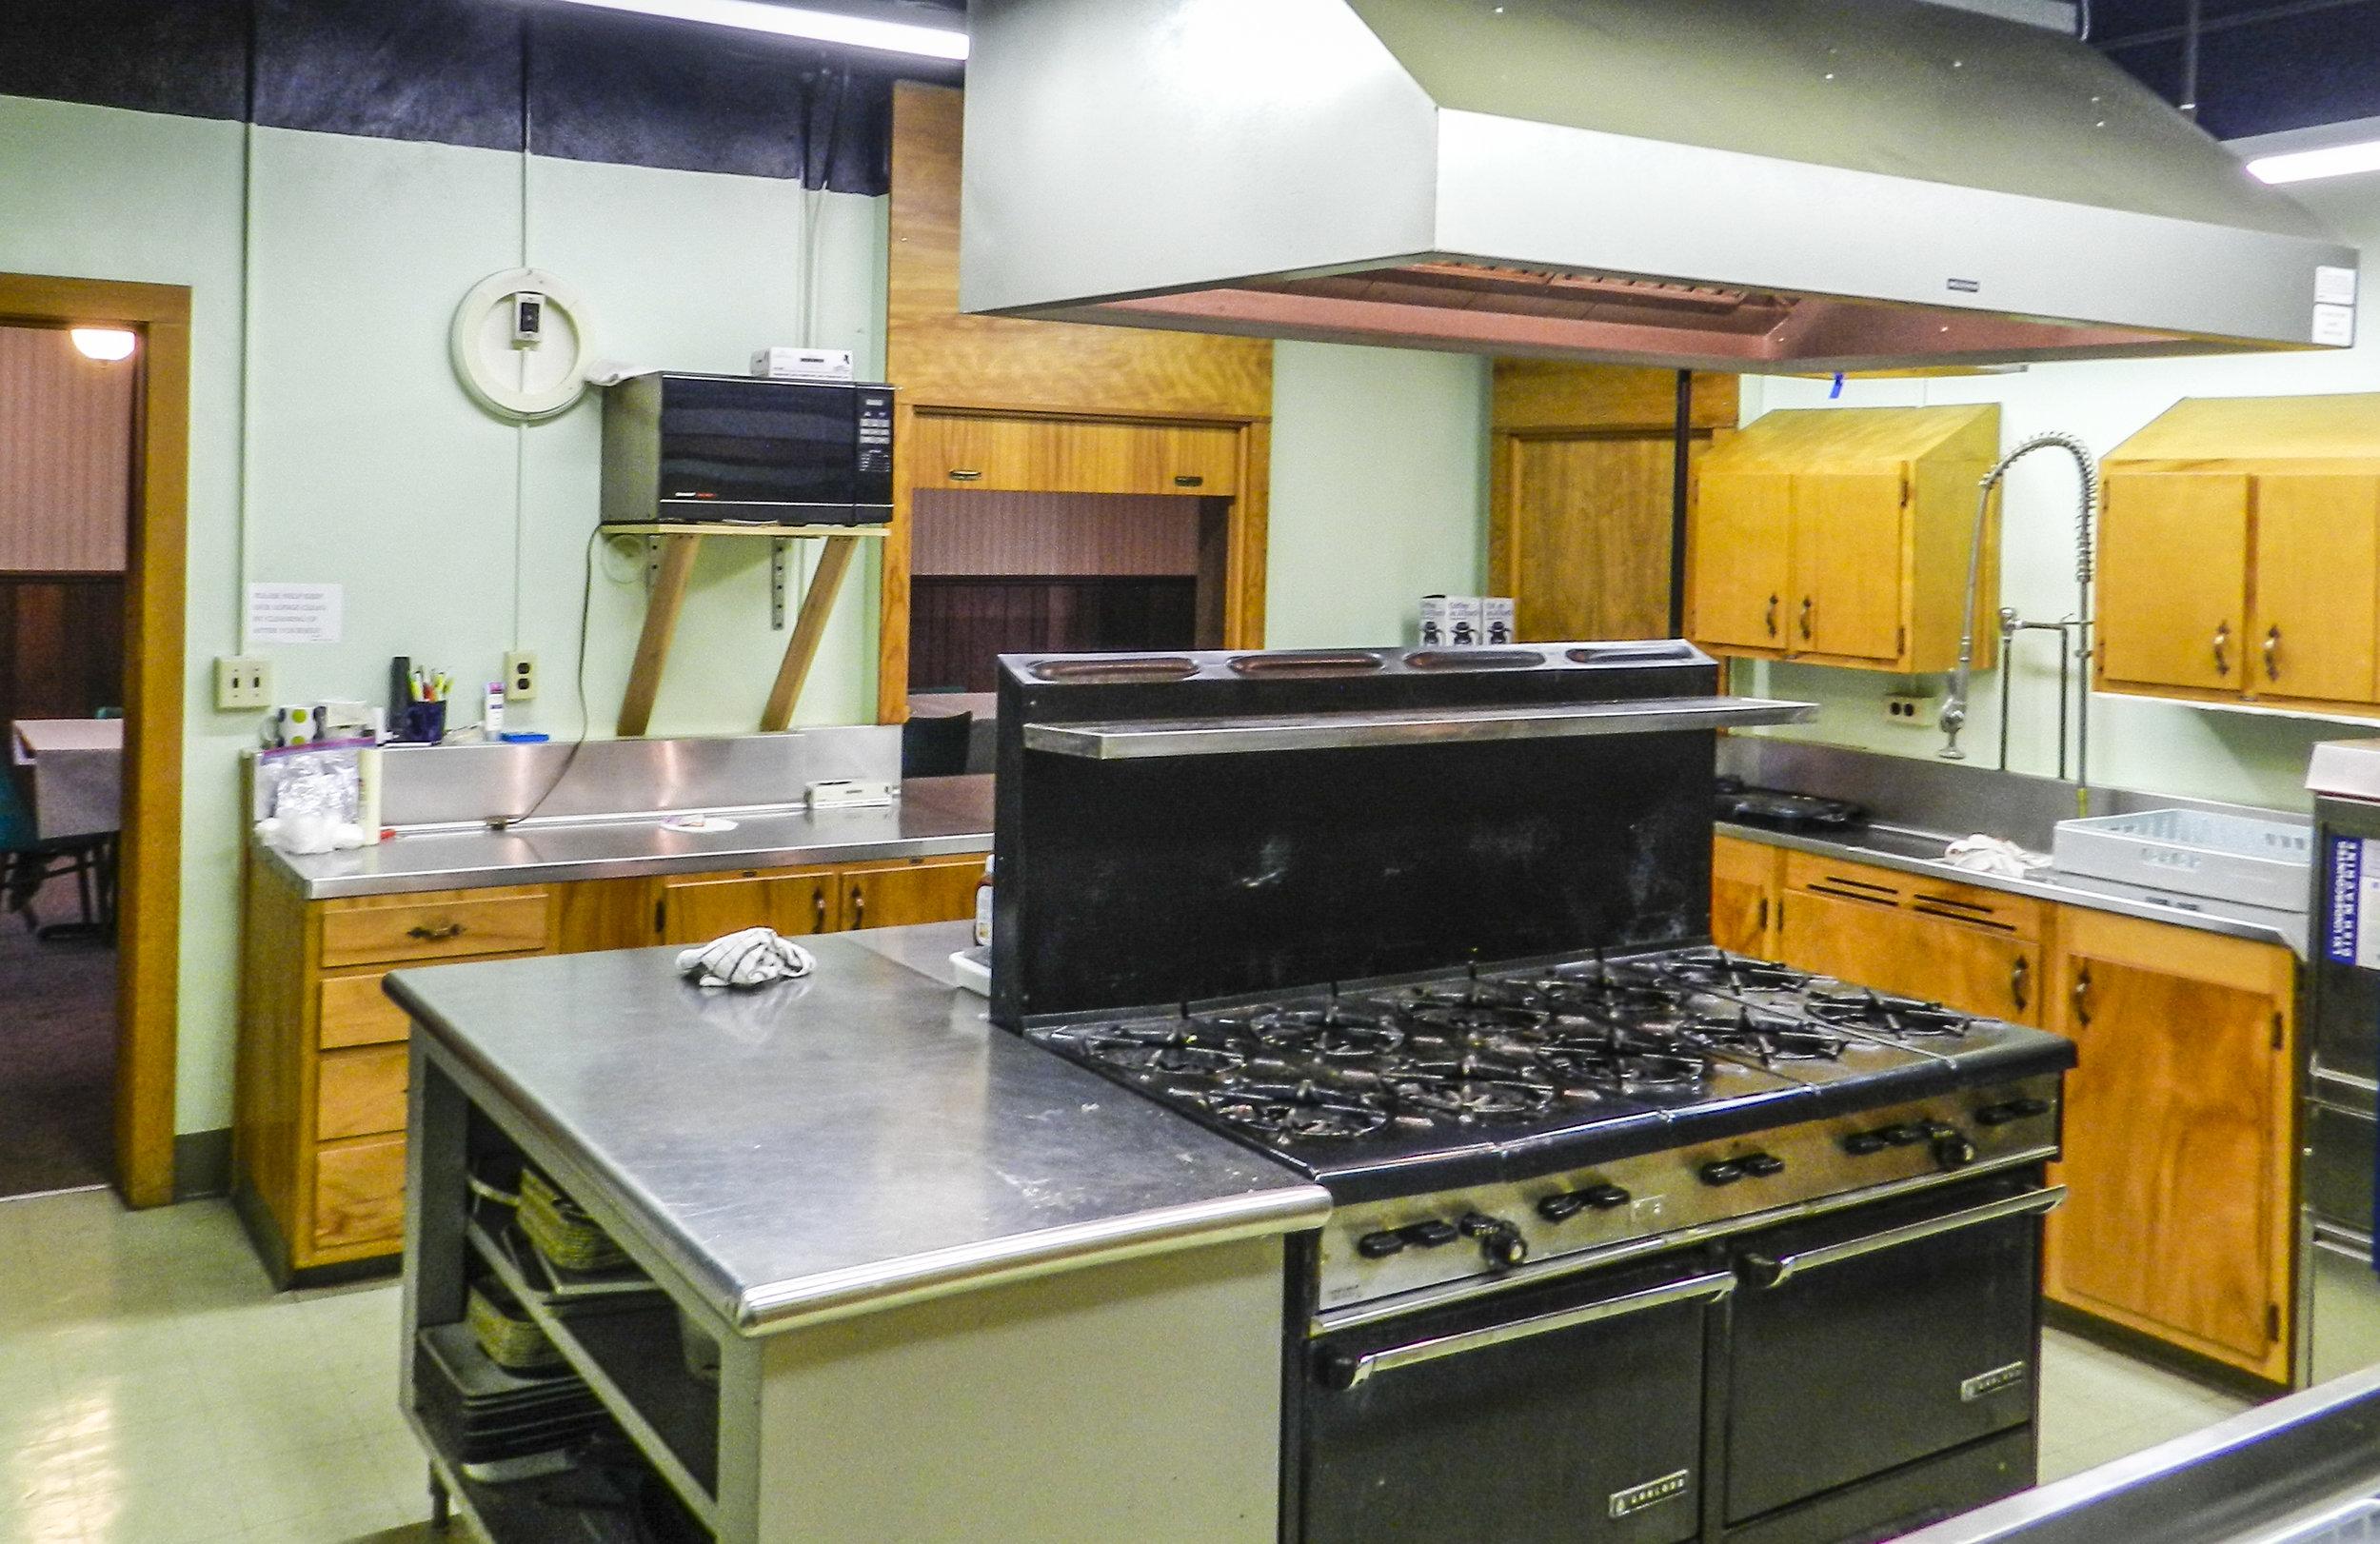 Basement Kitchen 1 (1).JPG